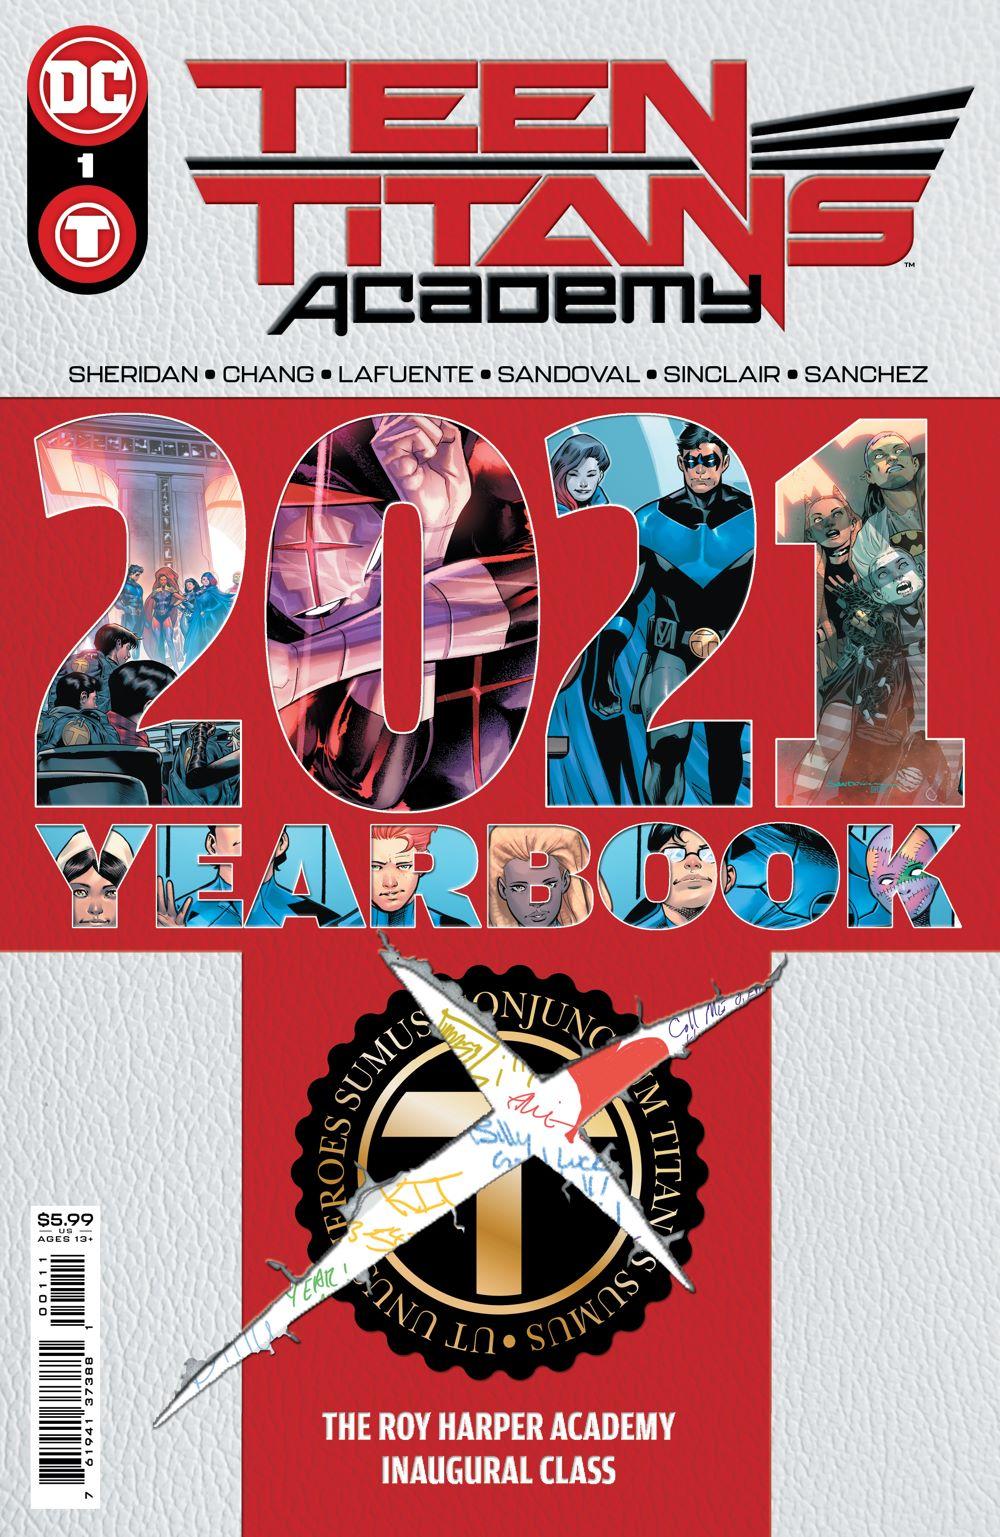 TT_ACDMY_YRBK_Cv1 DC Comics June 2021 Solicitations